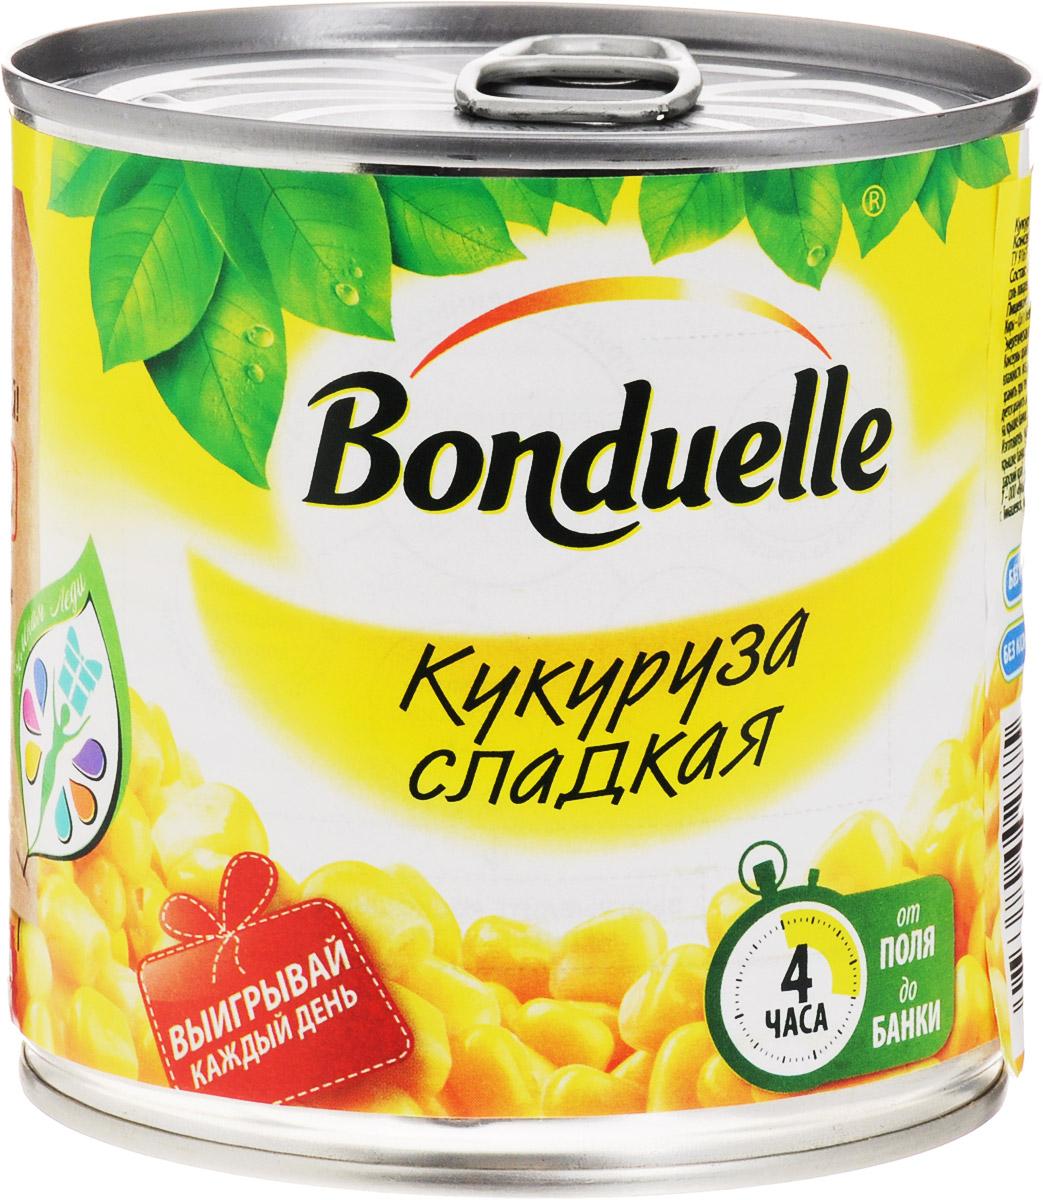 Bonduelle кукуруза сладкая, 340 г2445Настоящая классика Bonduelle - продукты, давно знакомые и востребованные, а значит, их качество проверено временем и подтверждено любовью миллионов хозяек и поваров. Без них невозможно представить ни один стол нашей страны, а особенно праздничное меню, где обязательно имеются салаты с зеленым горошком и кукурузой. Уважаемые клиенты! Обращаем ваше внимание, что полный перечень состава продукта представлен на дополнительном изображении.